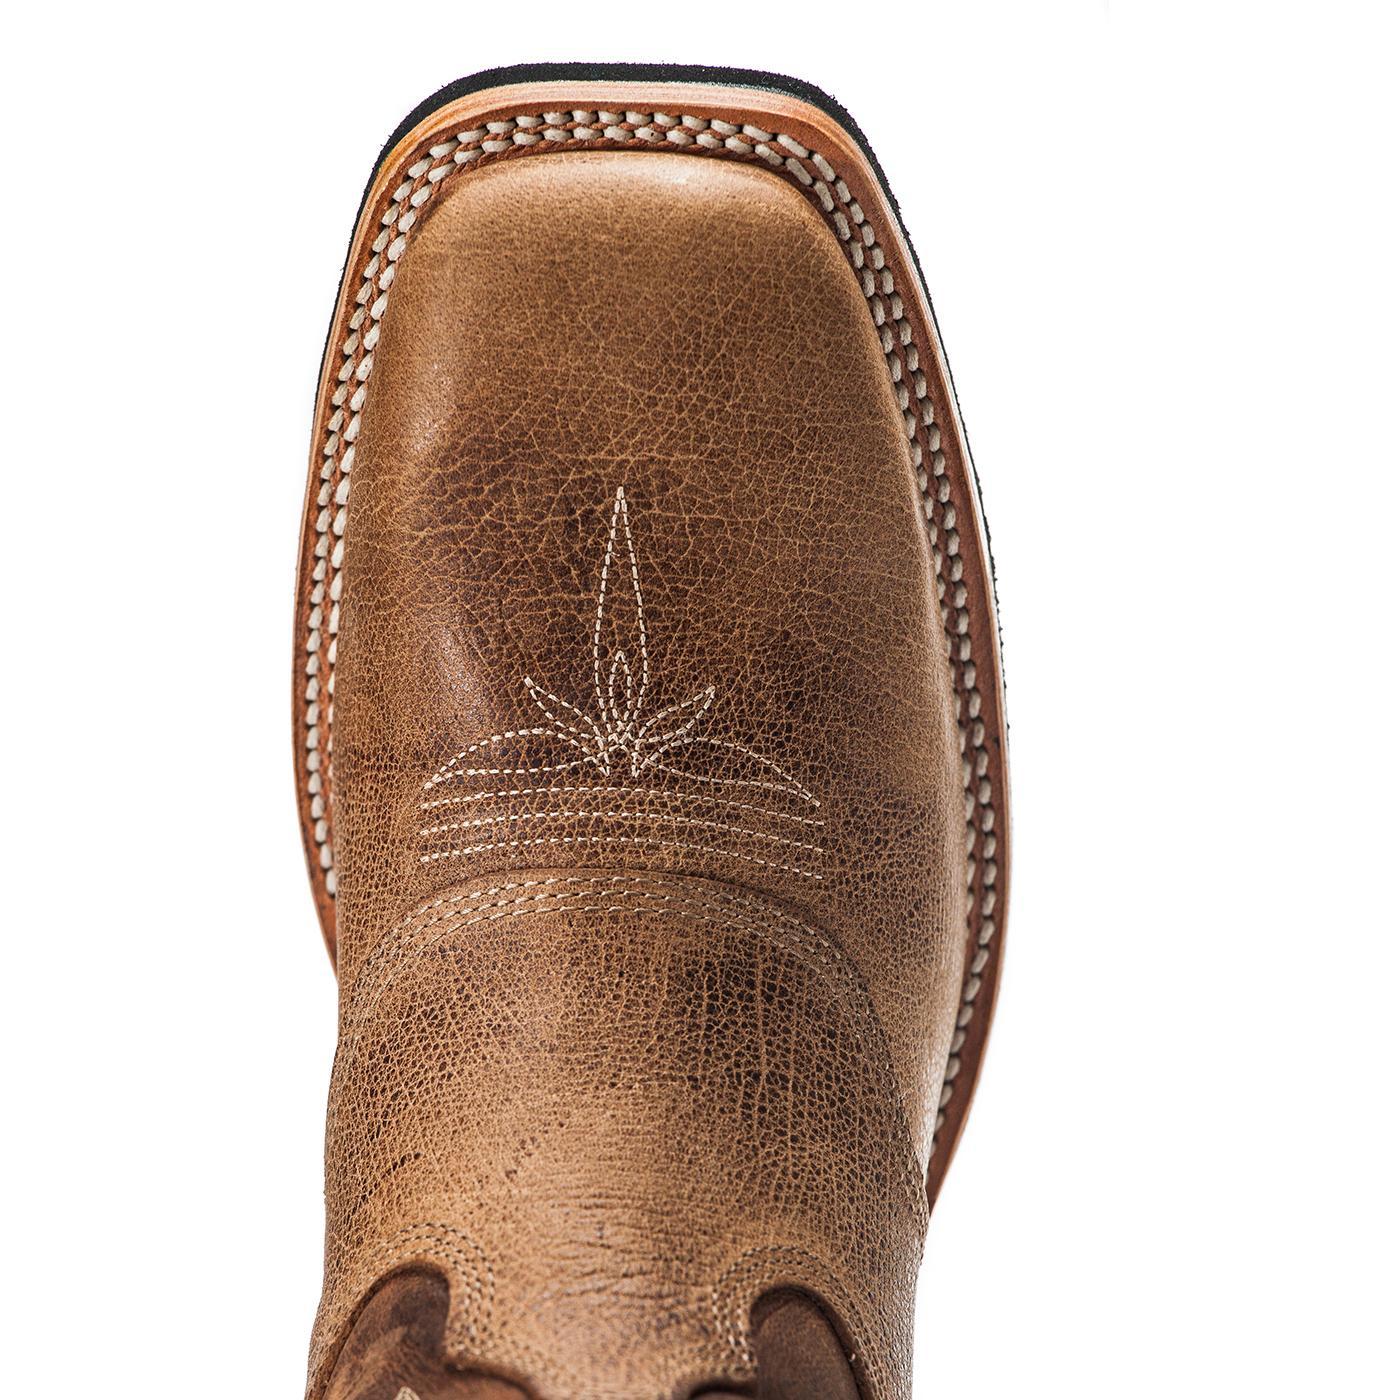 Para estrenar límpido a la vista última colección Rocky Dually Crepe EX4: bota vaquera de punta cuadrada